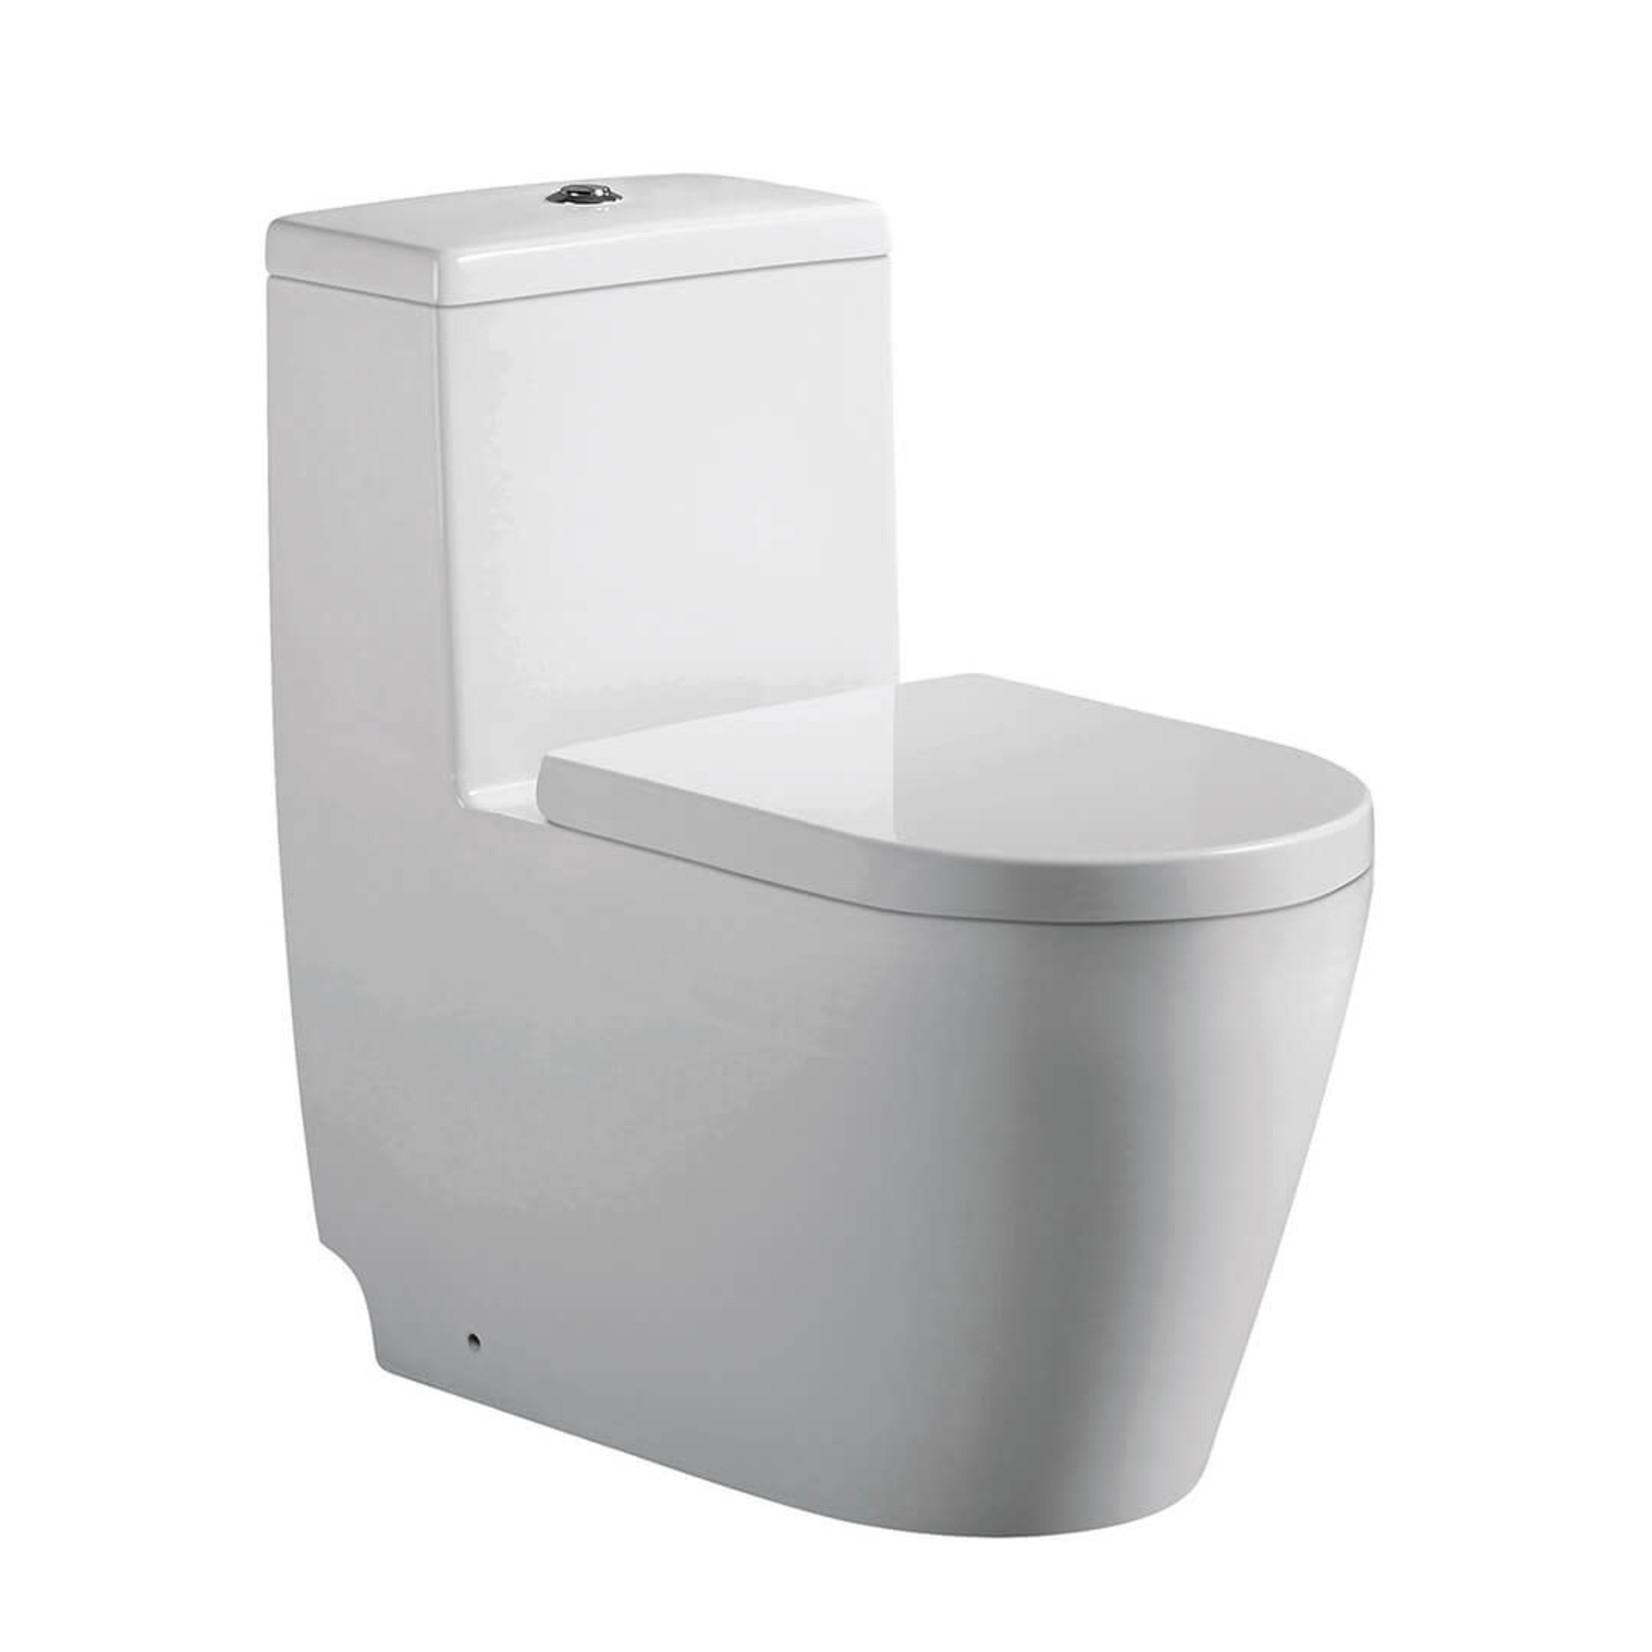 Toilette Monopièce Giselle